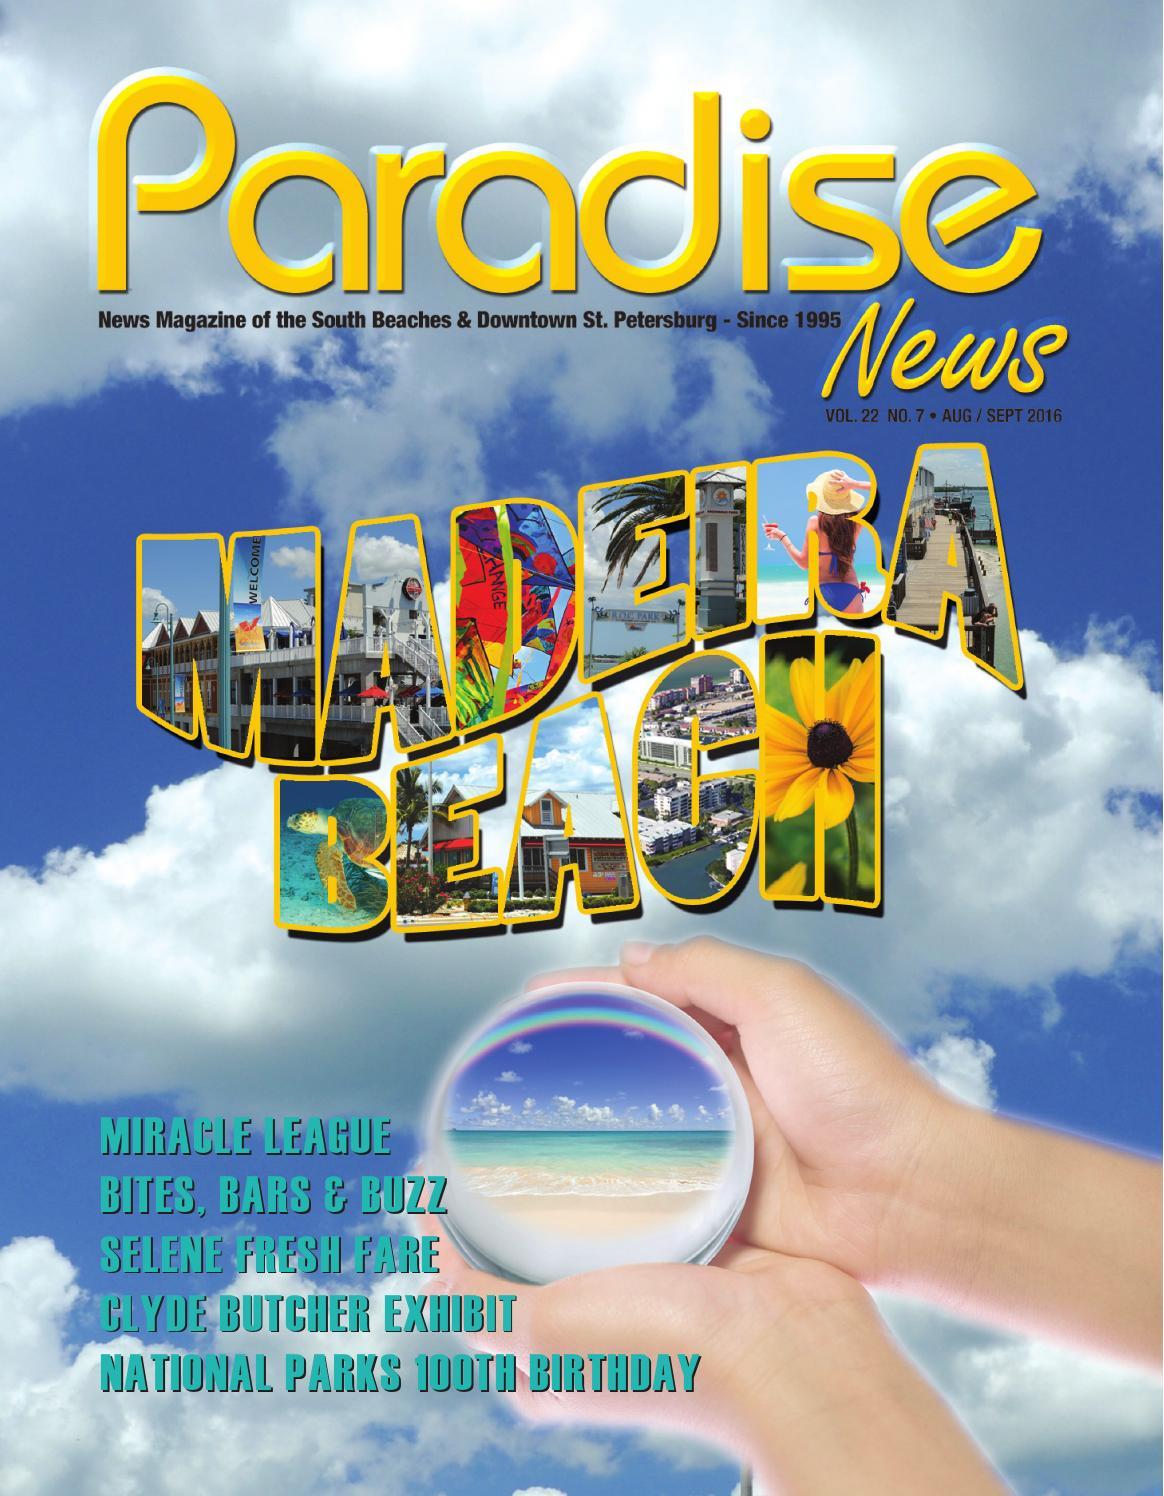 Paradise News Magazine Aug-Sept 2016 issue by ParadiseNewsFL - issuu